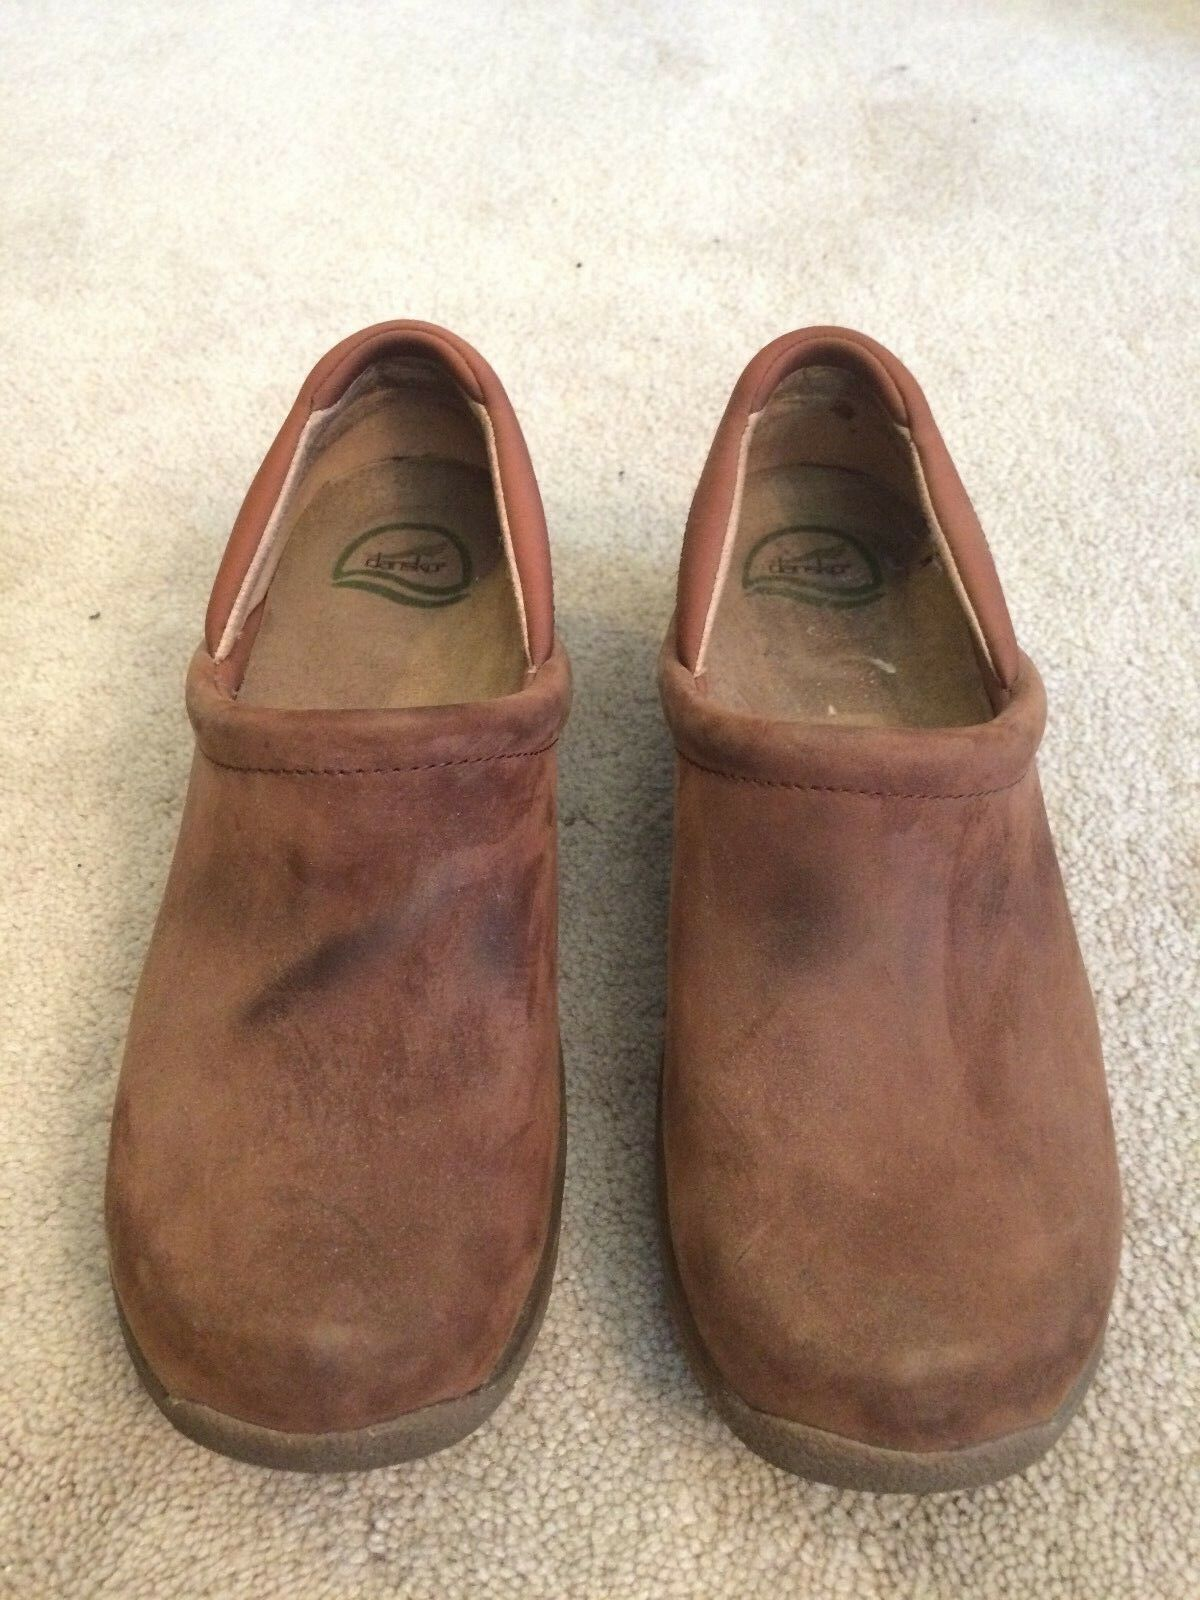 Dansko Brown Slip Resistant Clogs - 11